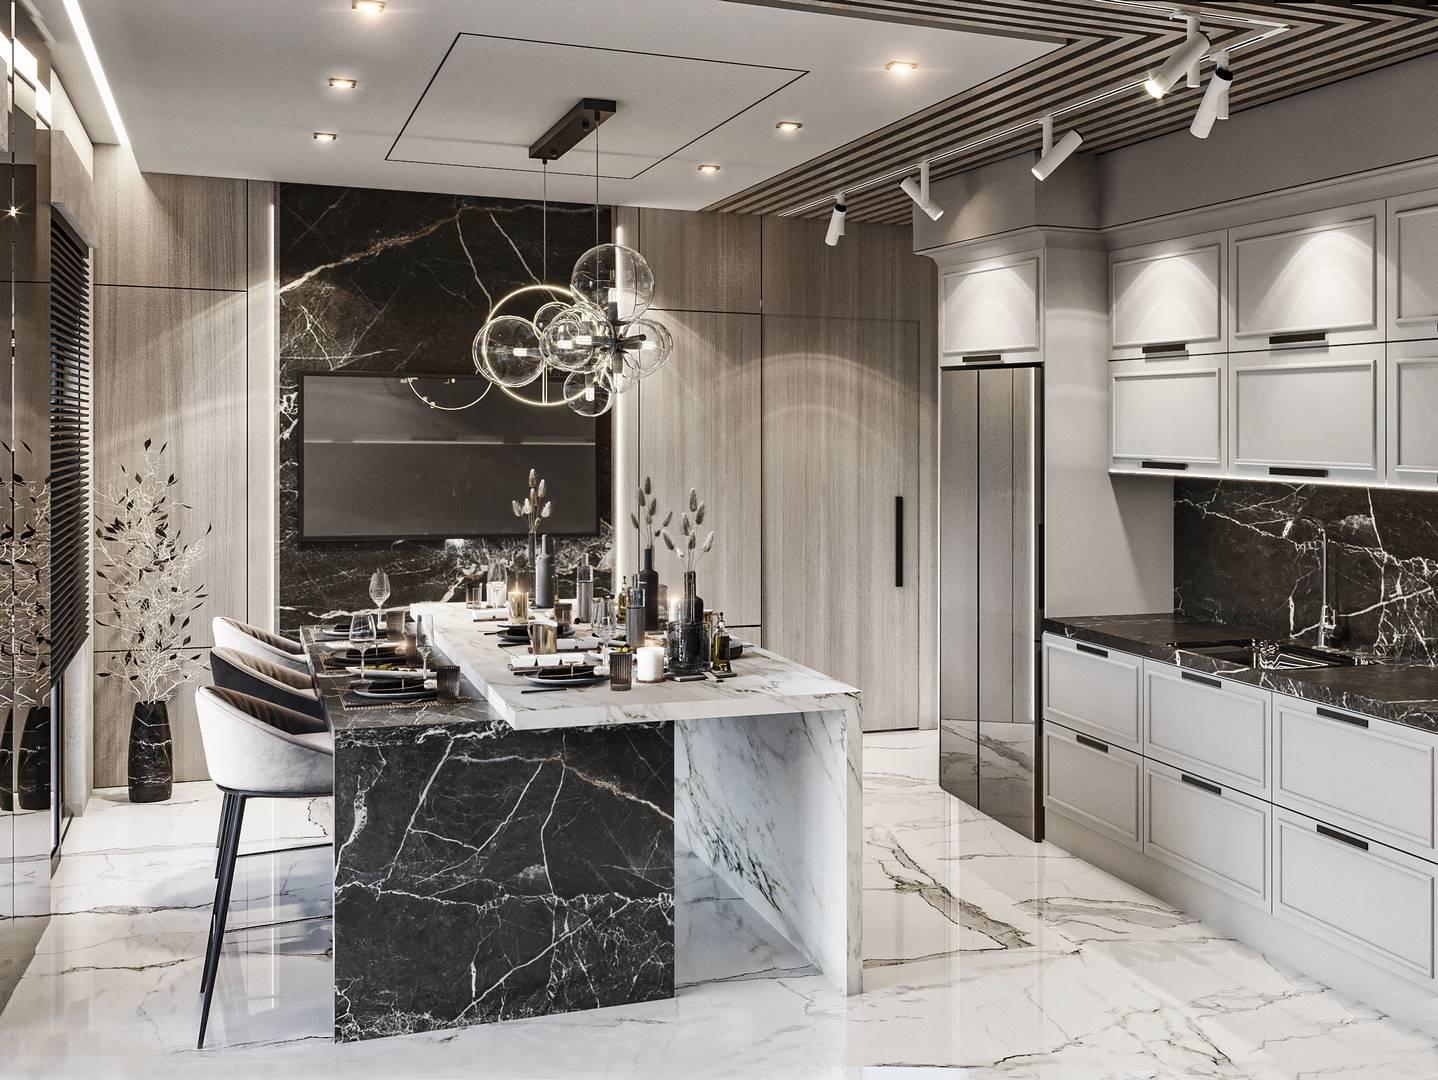 Suadiye dublex mutfak tasarımı